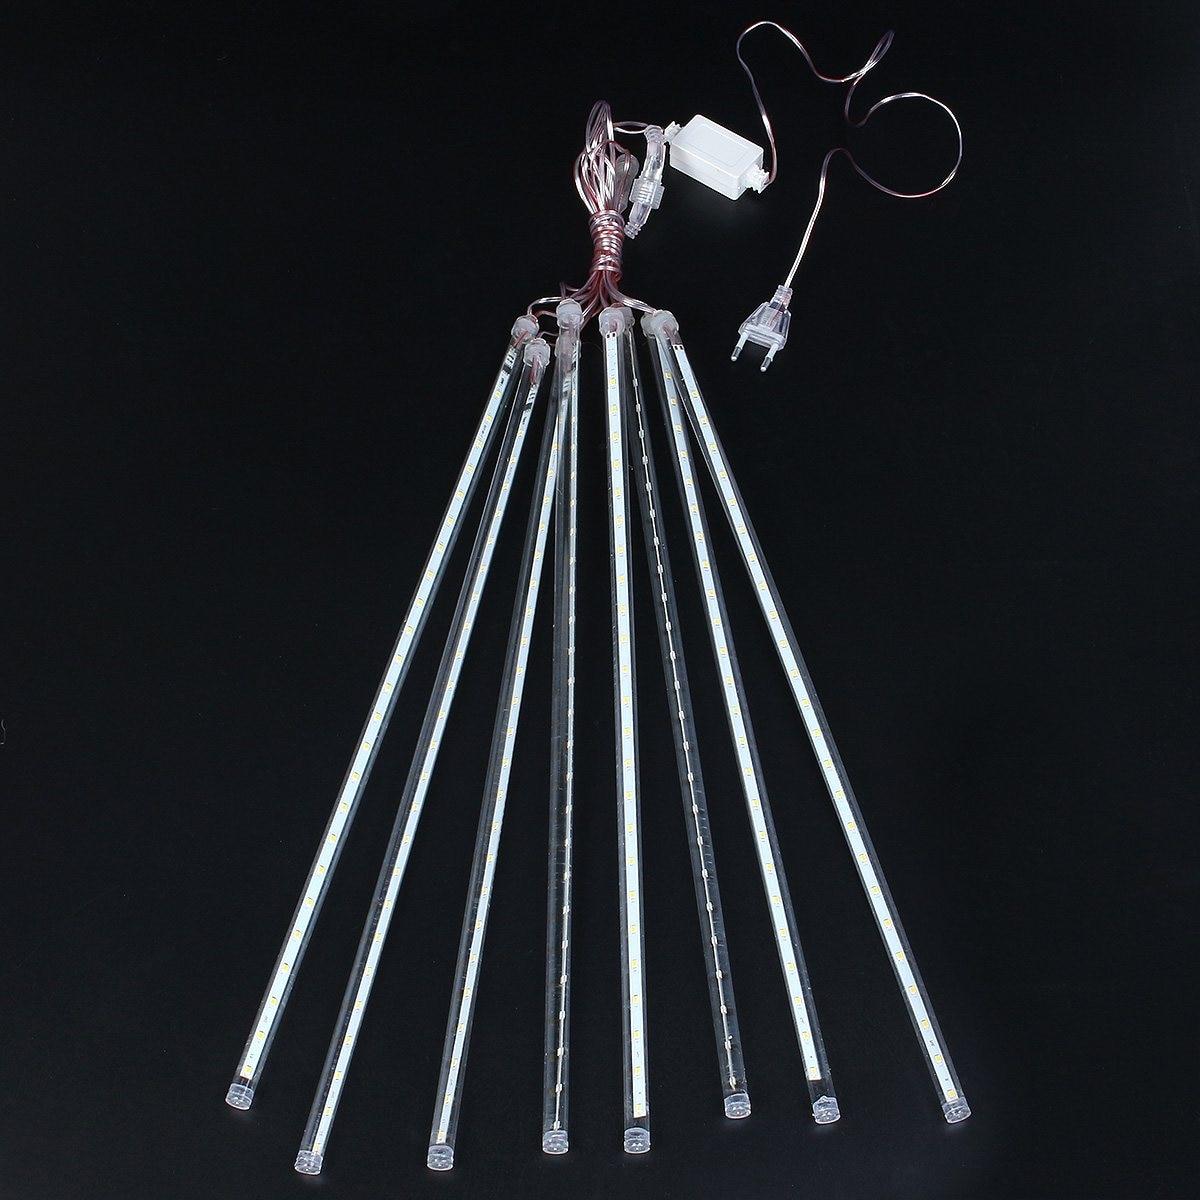 30 Светодиодные ленты свет 50 см 8 трубки метеор декоративный свет Водонепроницаемый свет шнура Теплый Белый ЕС Plug переменного тока 220 В